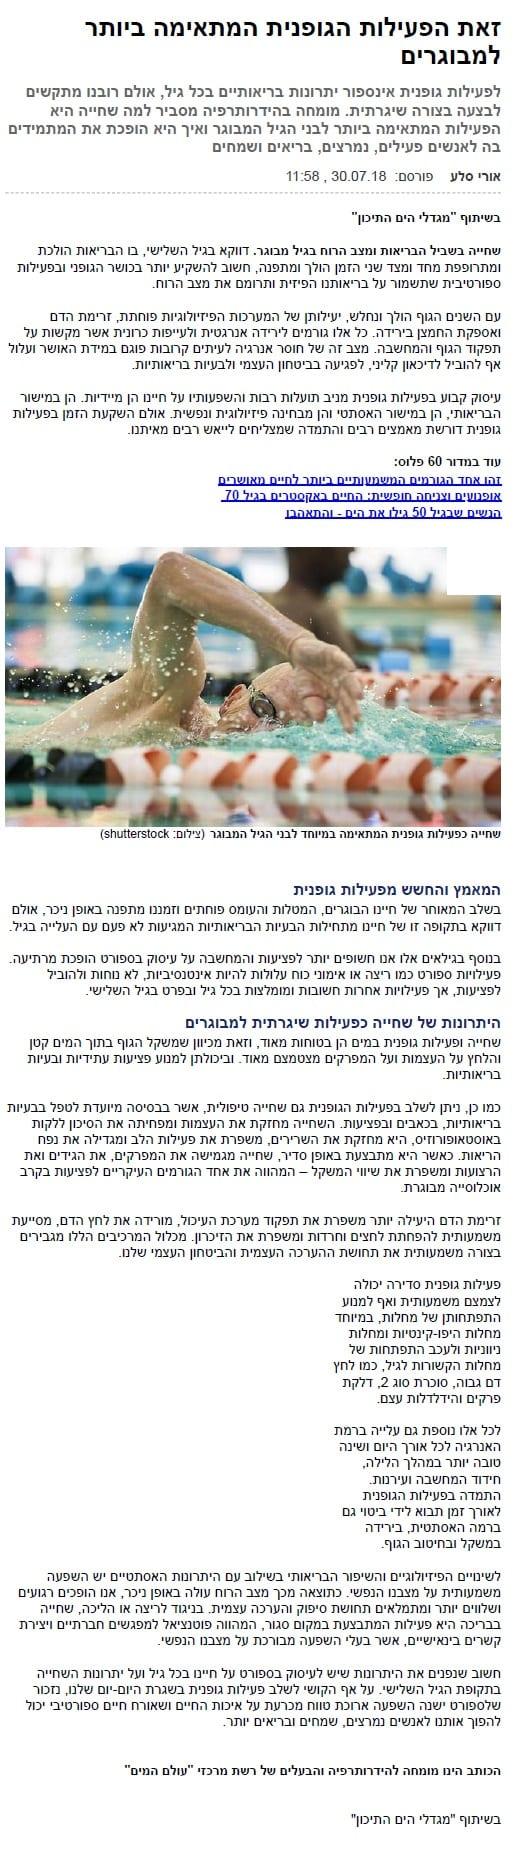 ynet: פעילות גופנית המתאימה ביותר למבוגרים